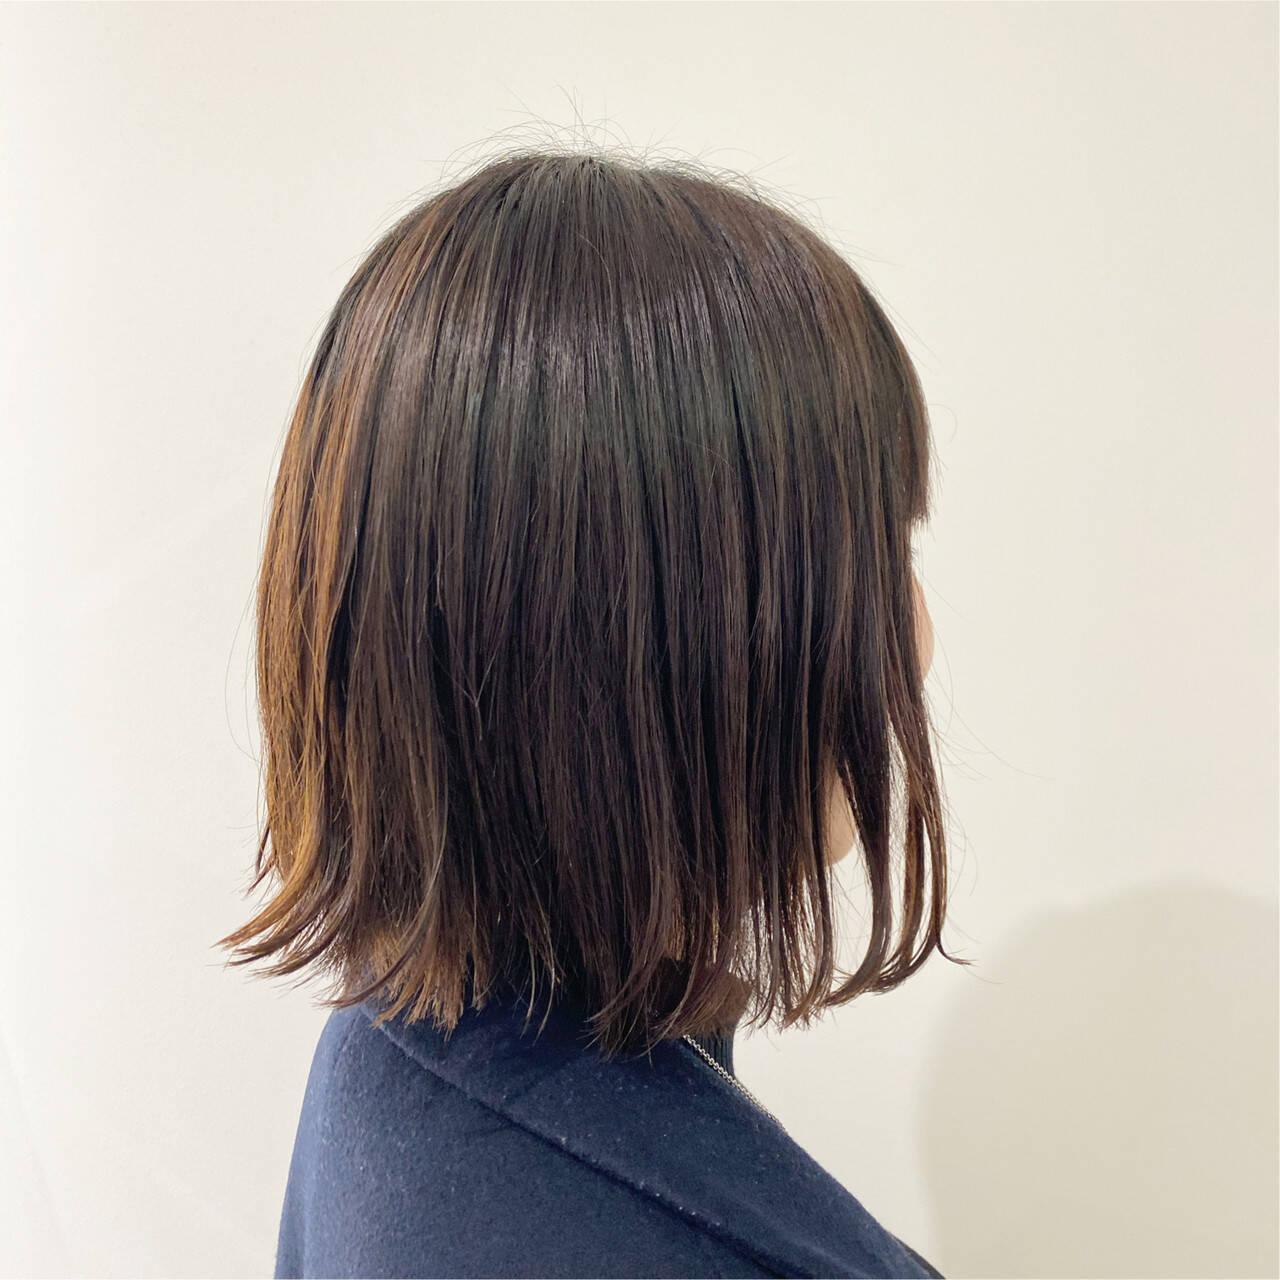 ショートボブ ミニボブ ショートヘア ボブヘアスタイルや髪型の写真・画像